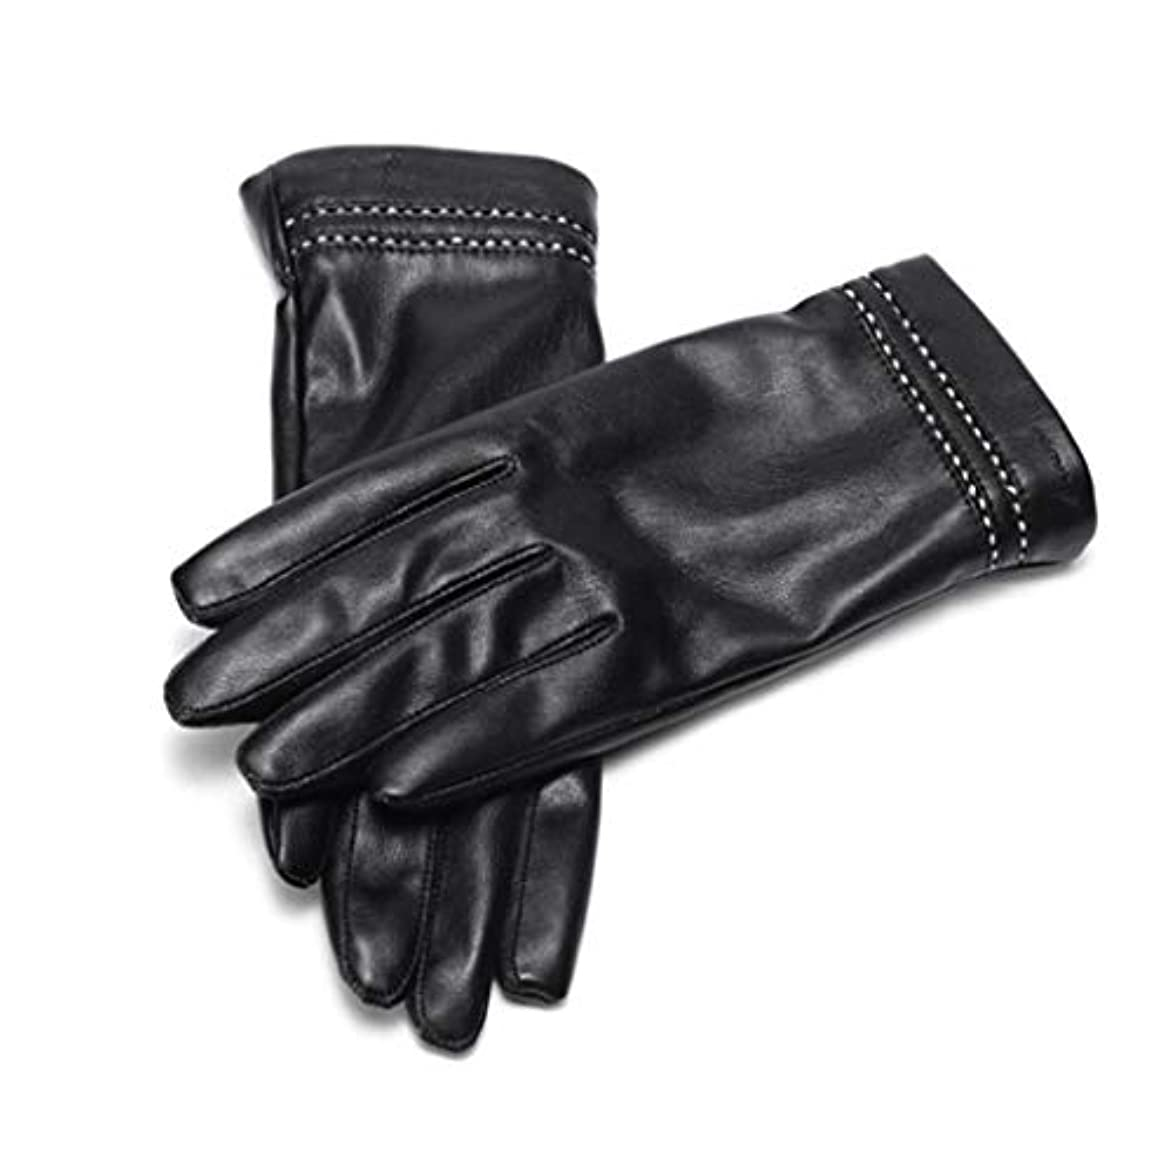 なめるどこにも提唱する女性の革手袋秋と冬のファッションプラスベルベット暖かい滑り止めのタッチスクリーン革手袋の女性671141003黒